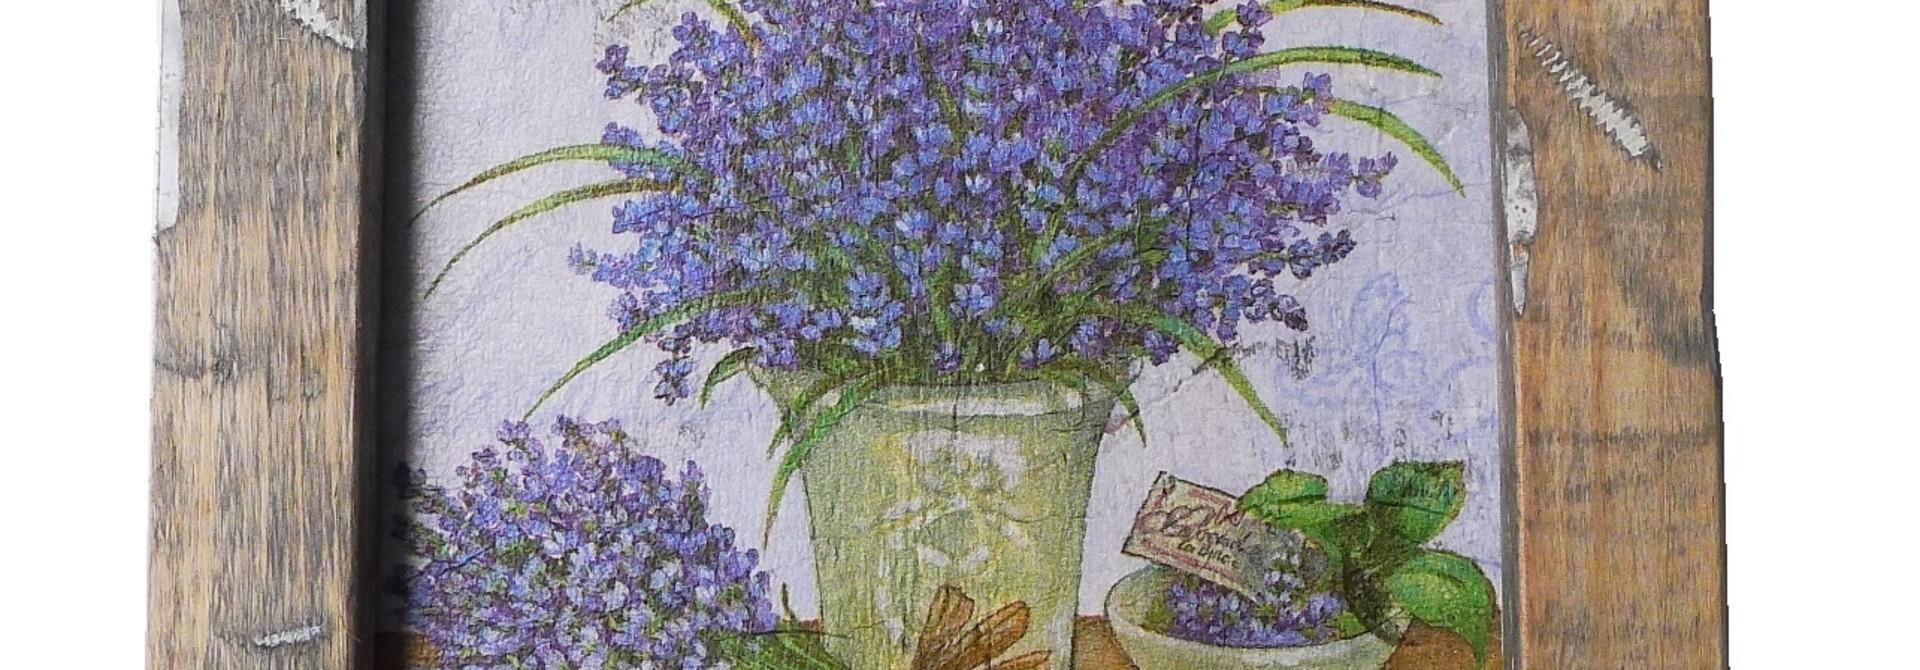 wooden tile old dutch delft lavend pot in